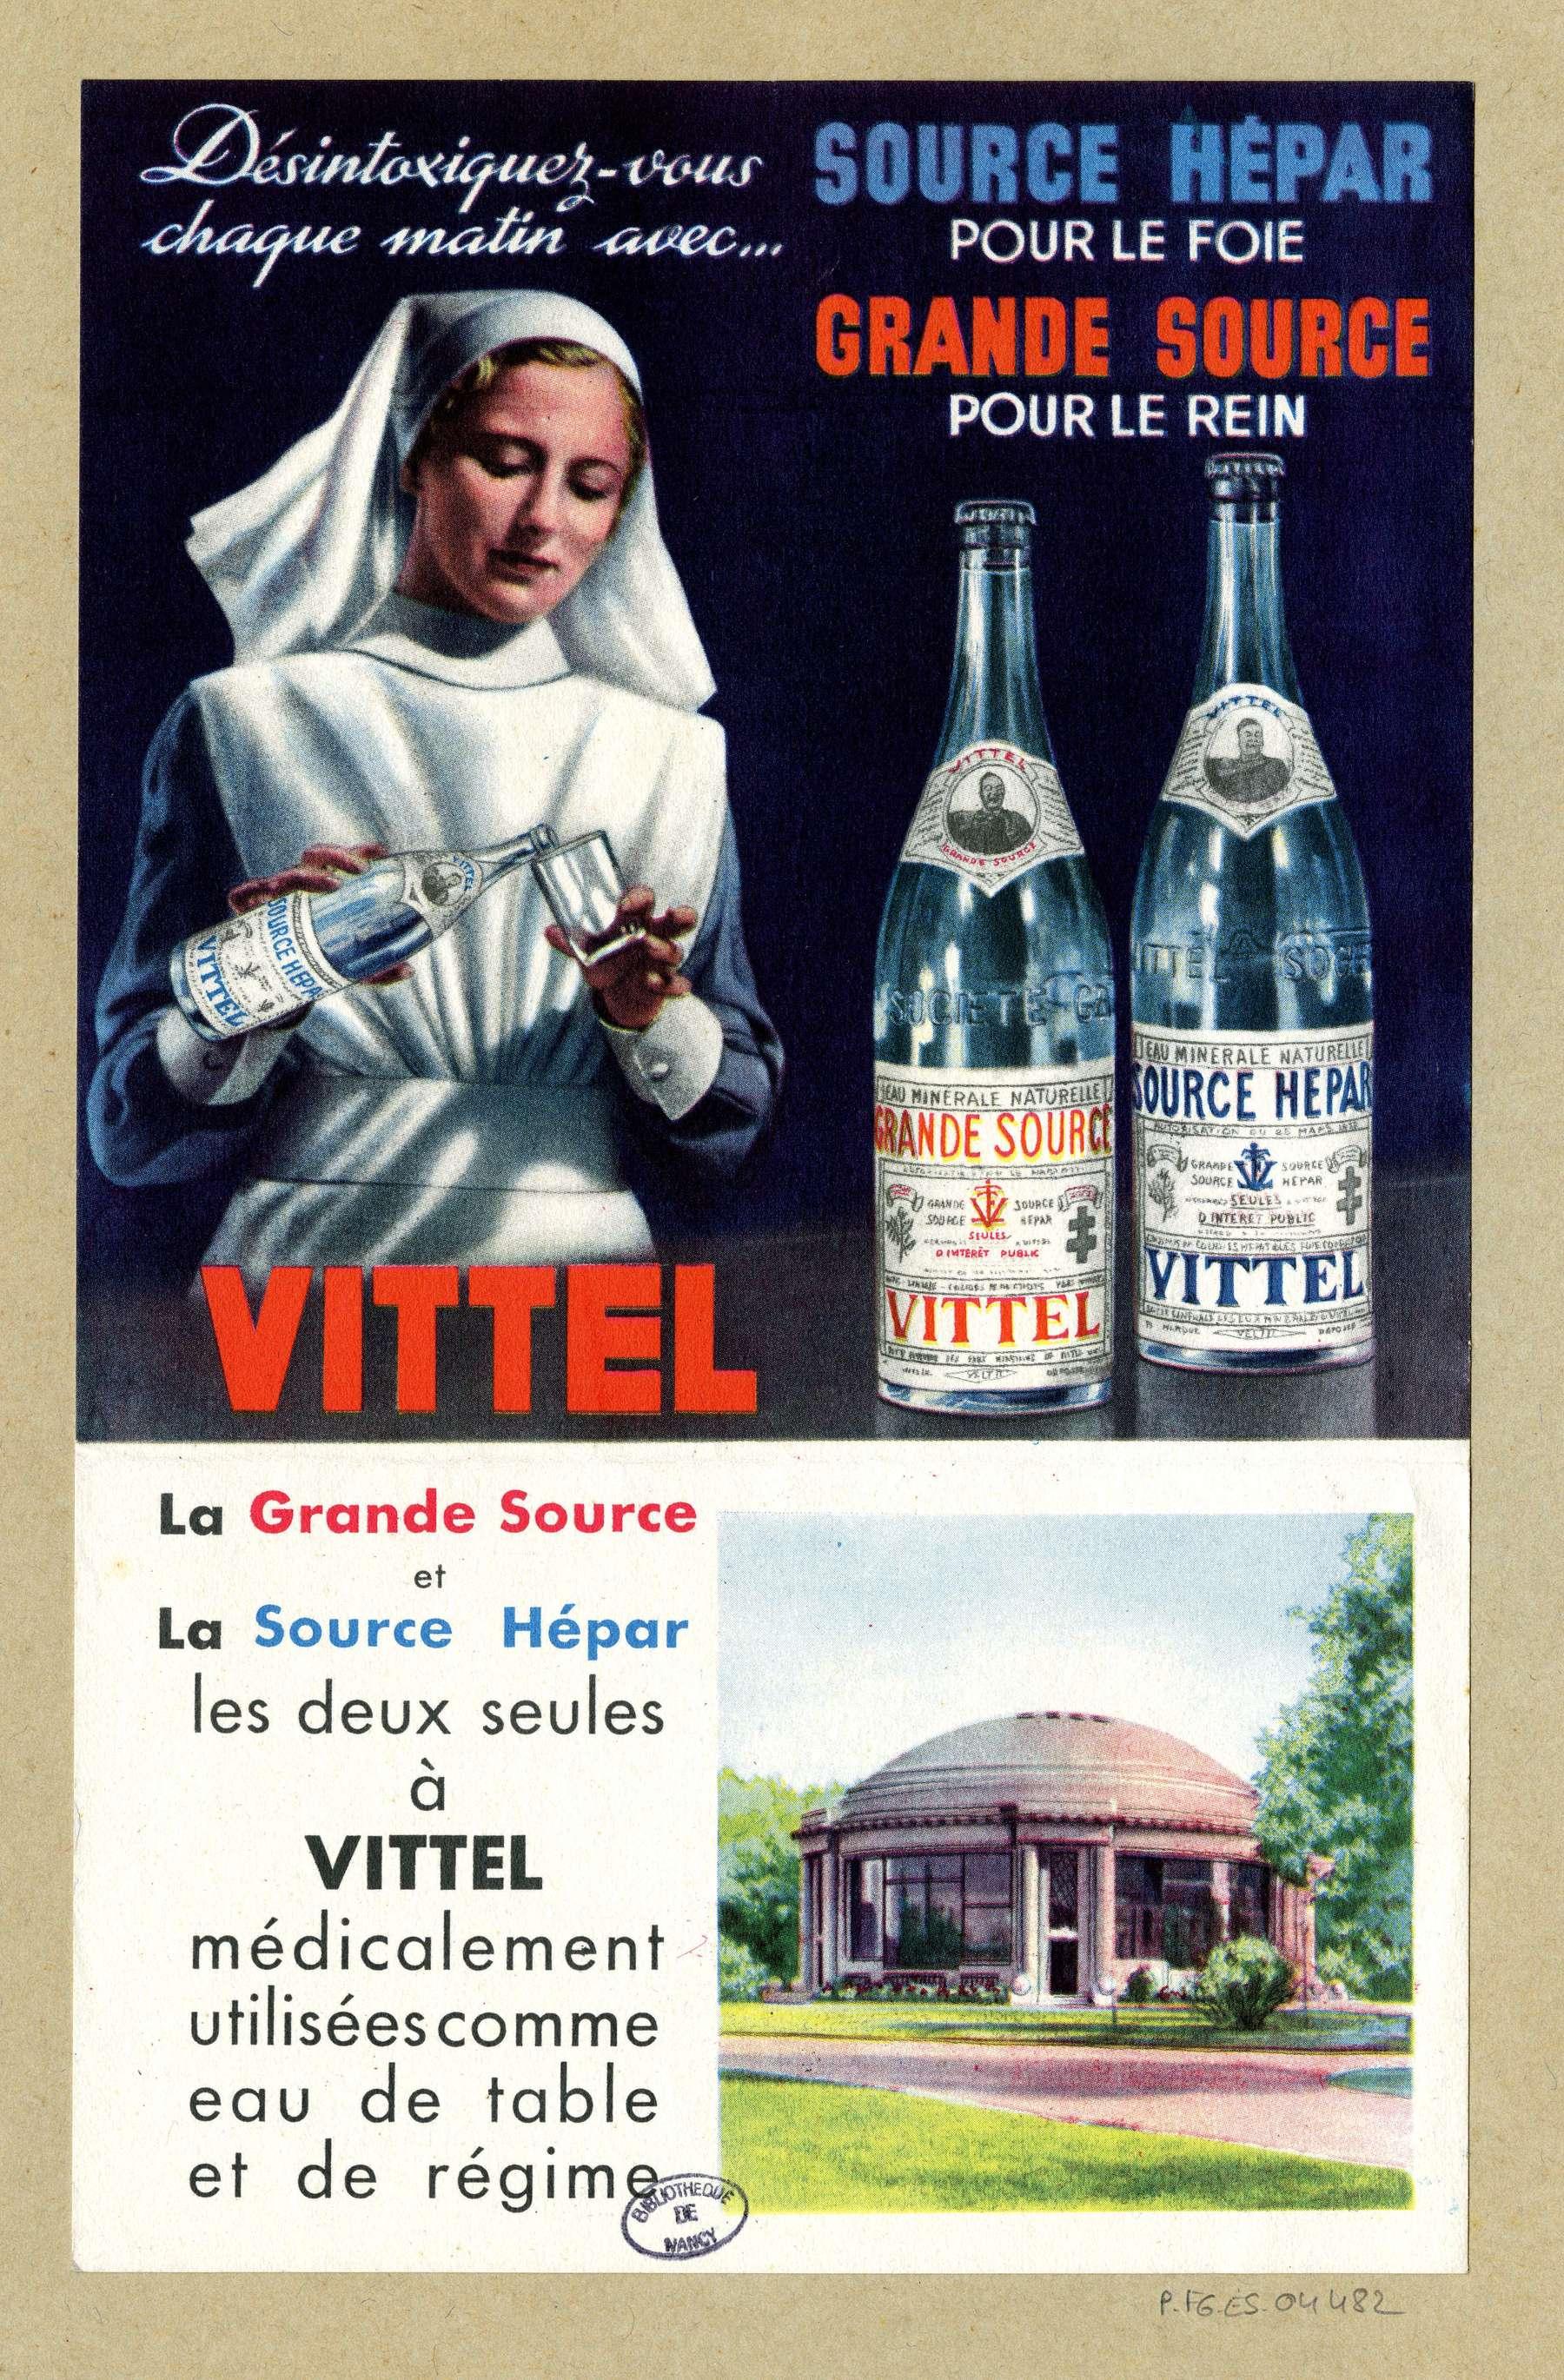 Contenu du Vittel